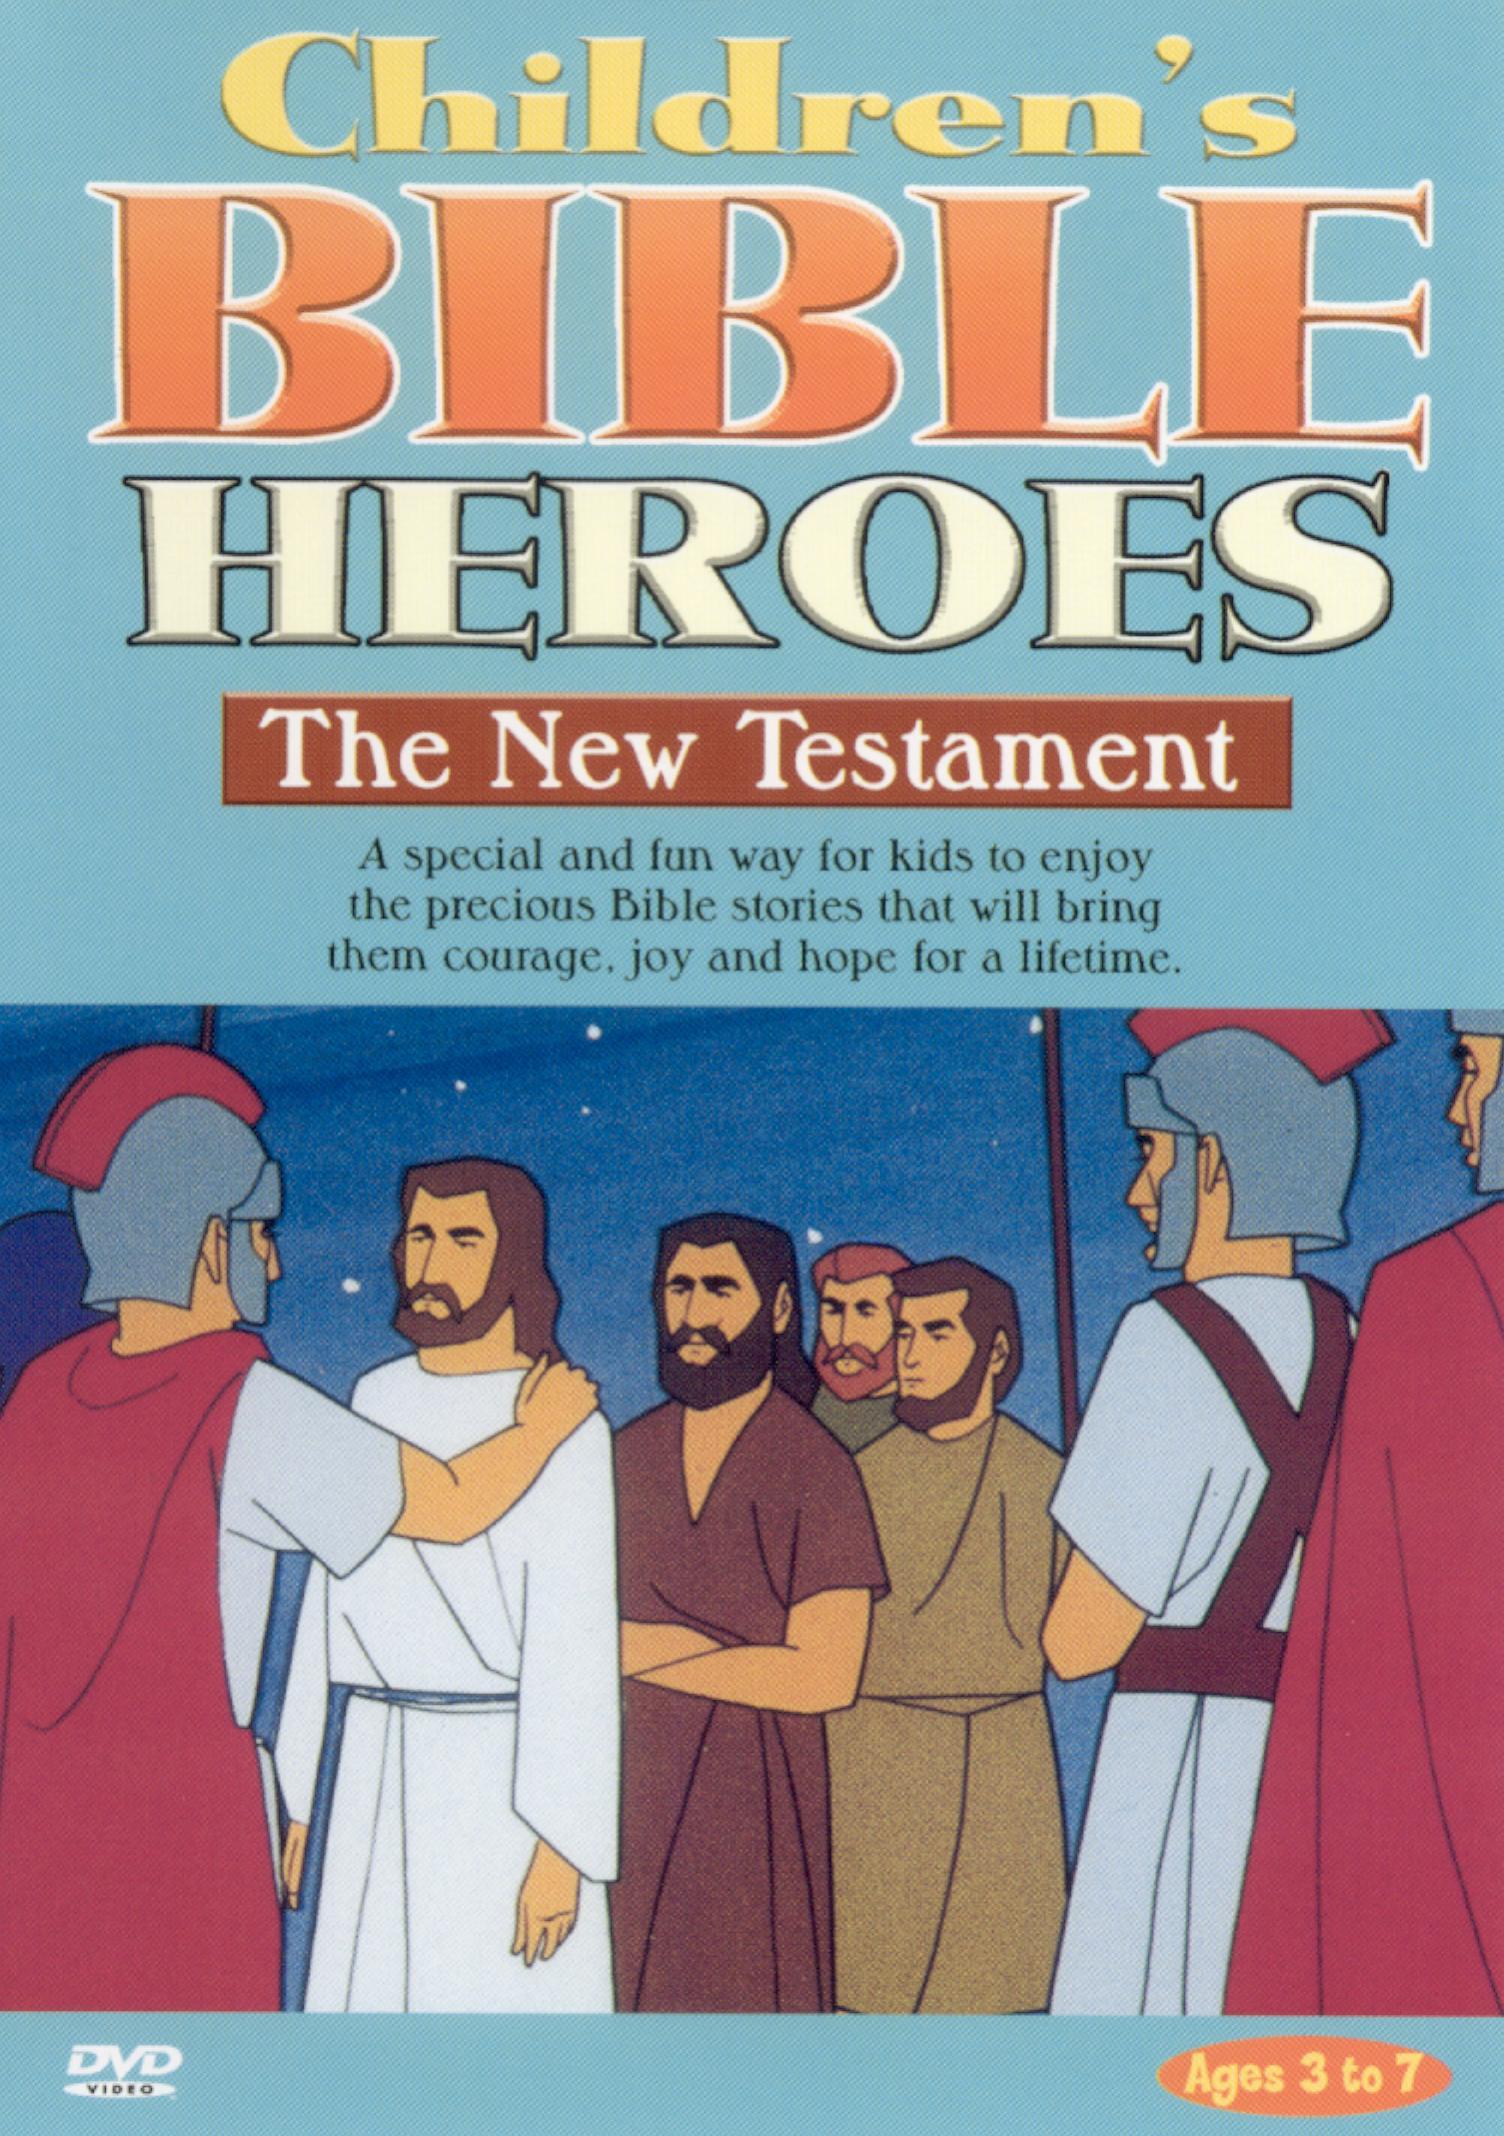 Children's Bible Heroes: The New Testament